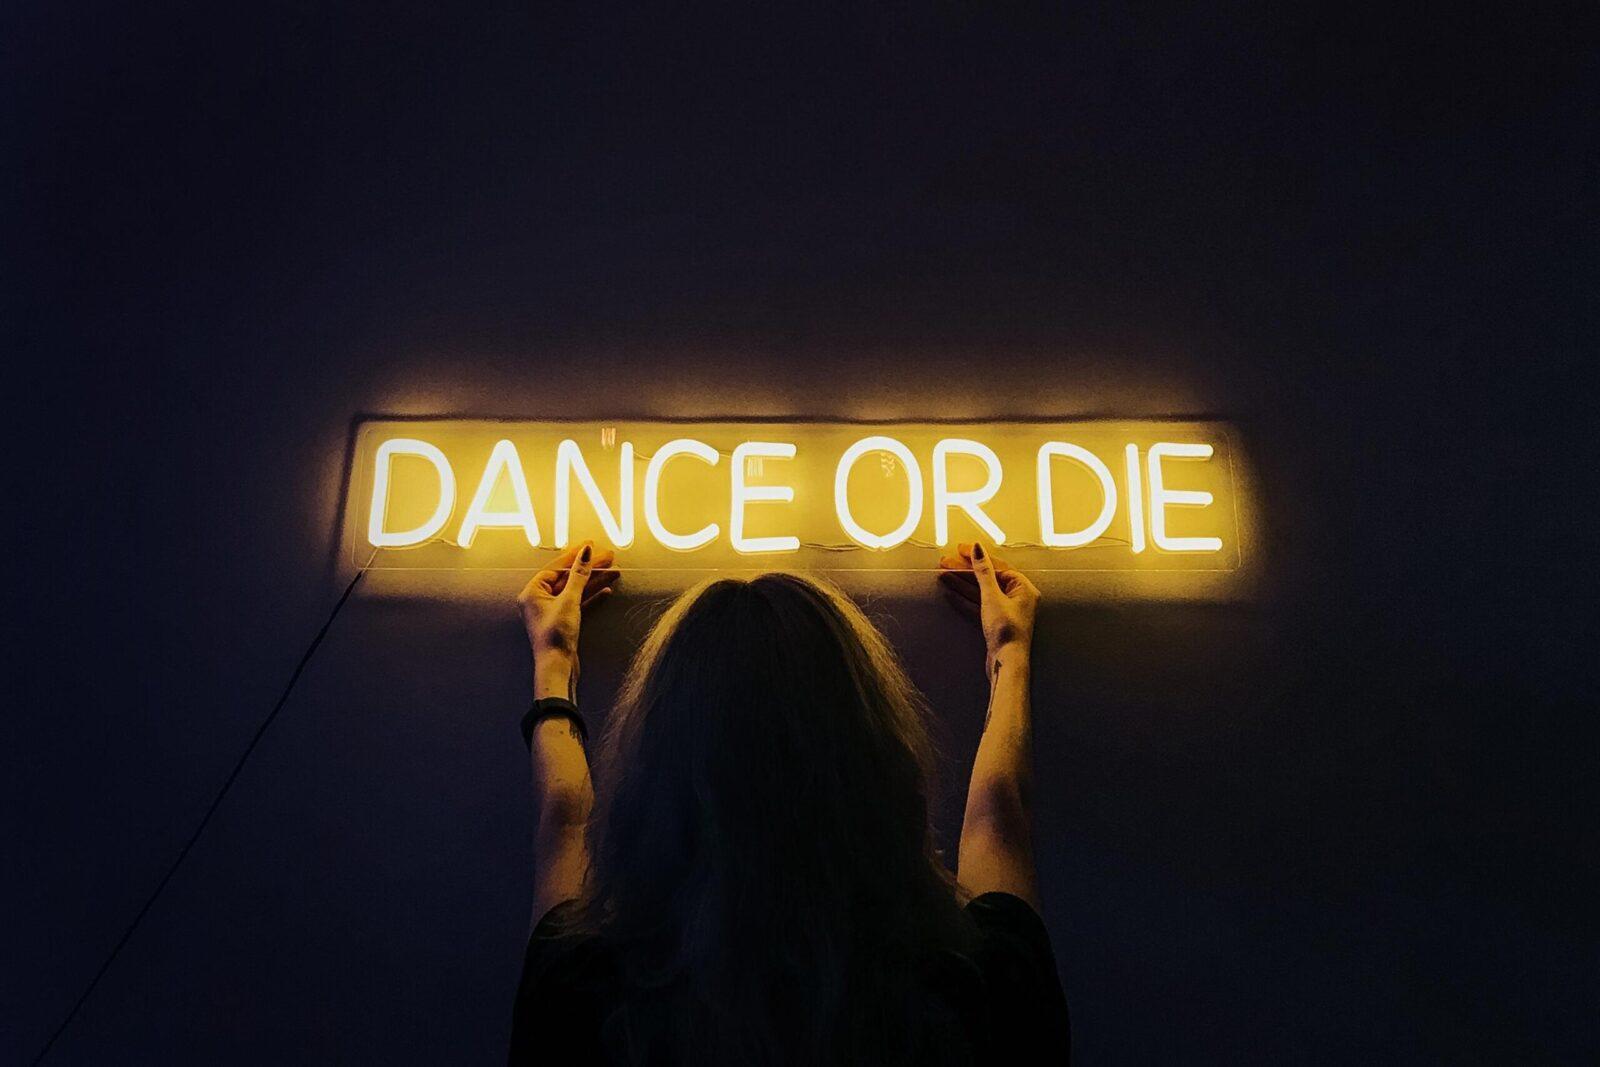 """Девушка, держащая желтую неоновую надпись """"Dance or die"""""""